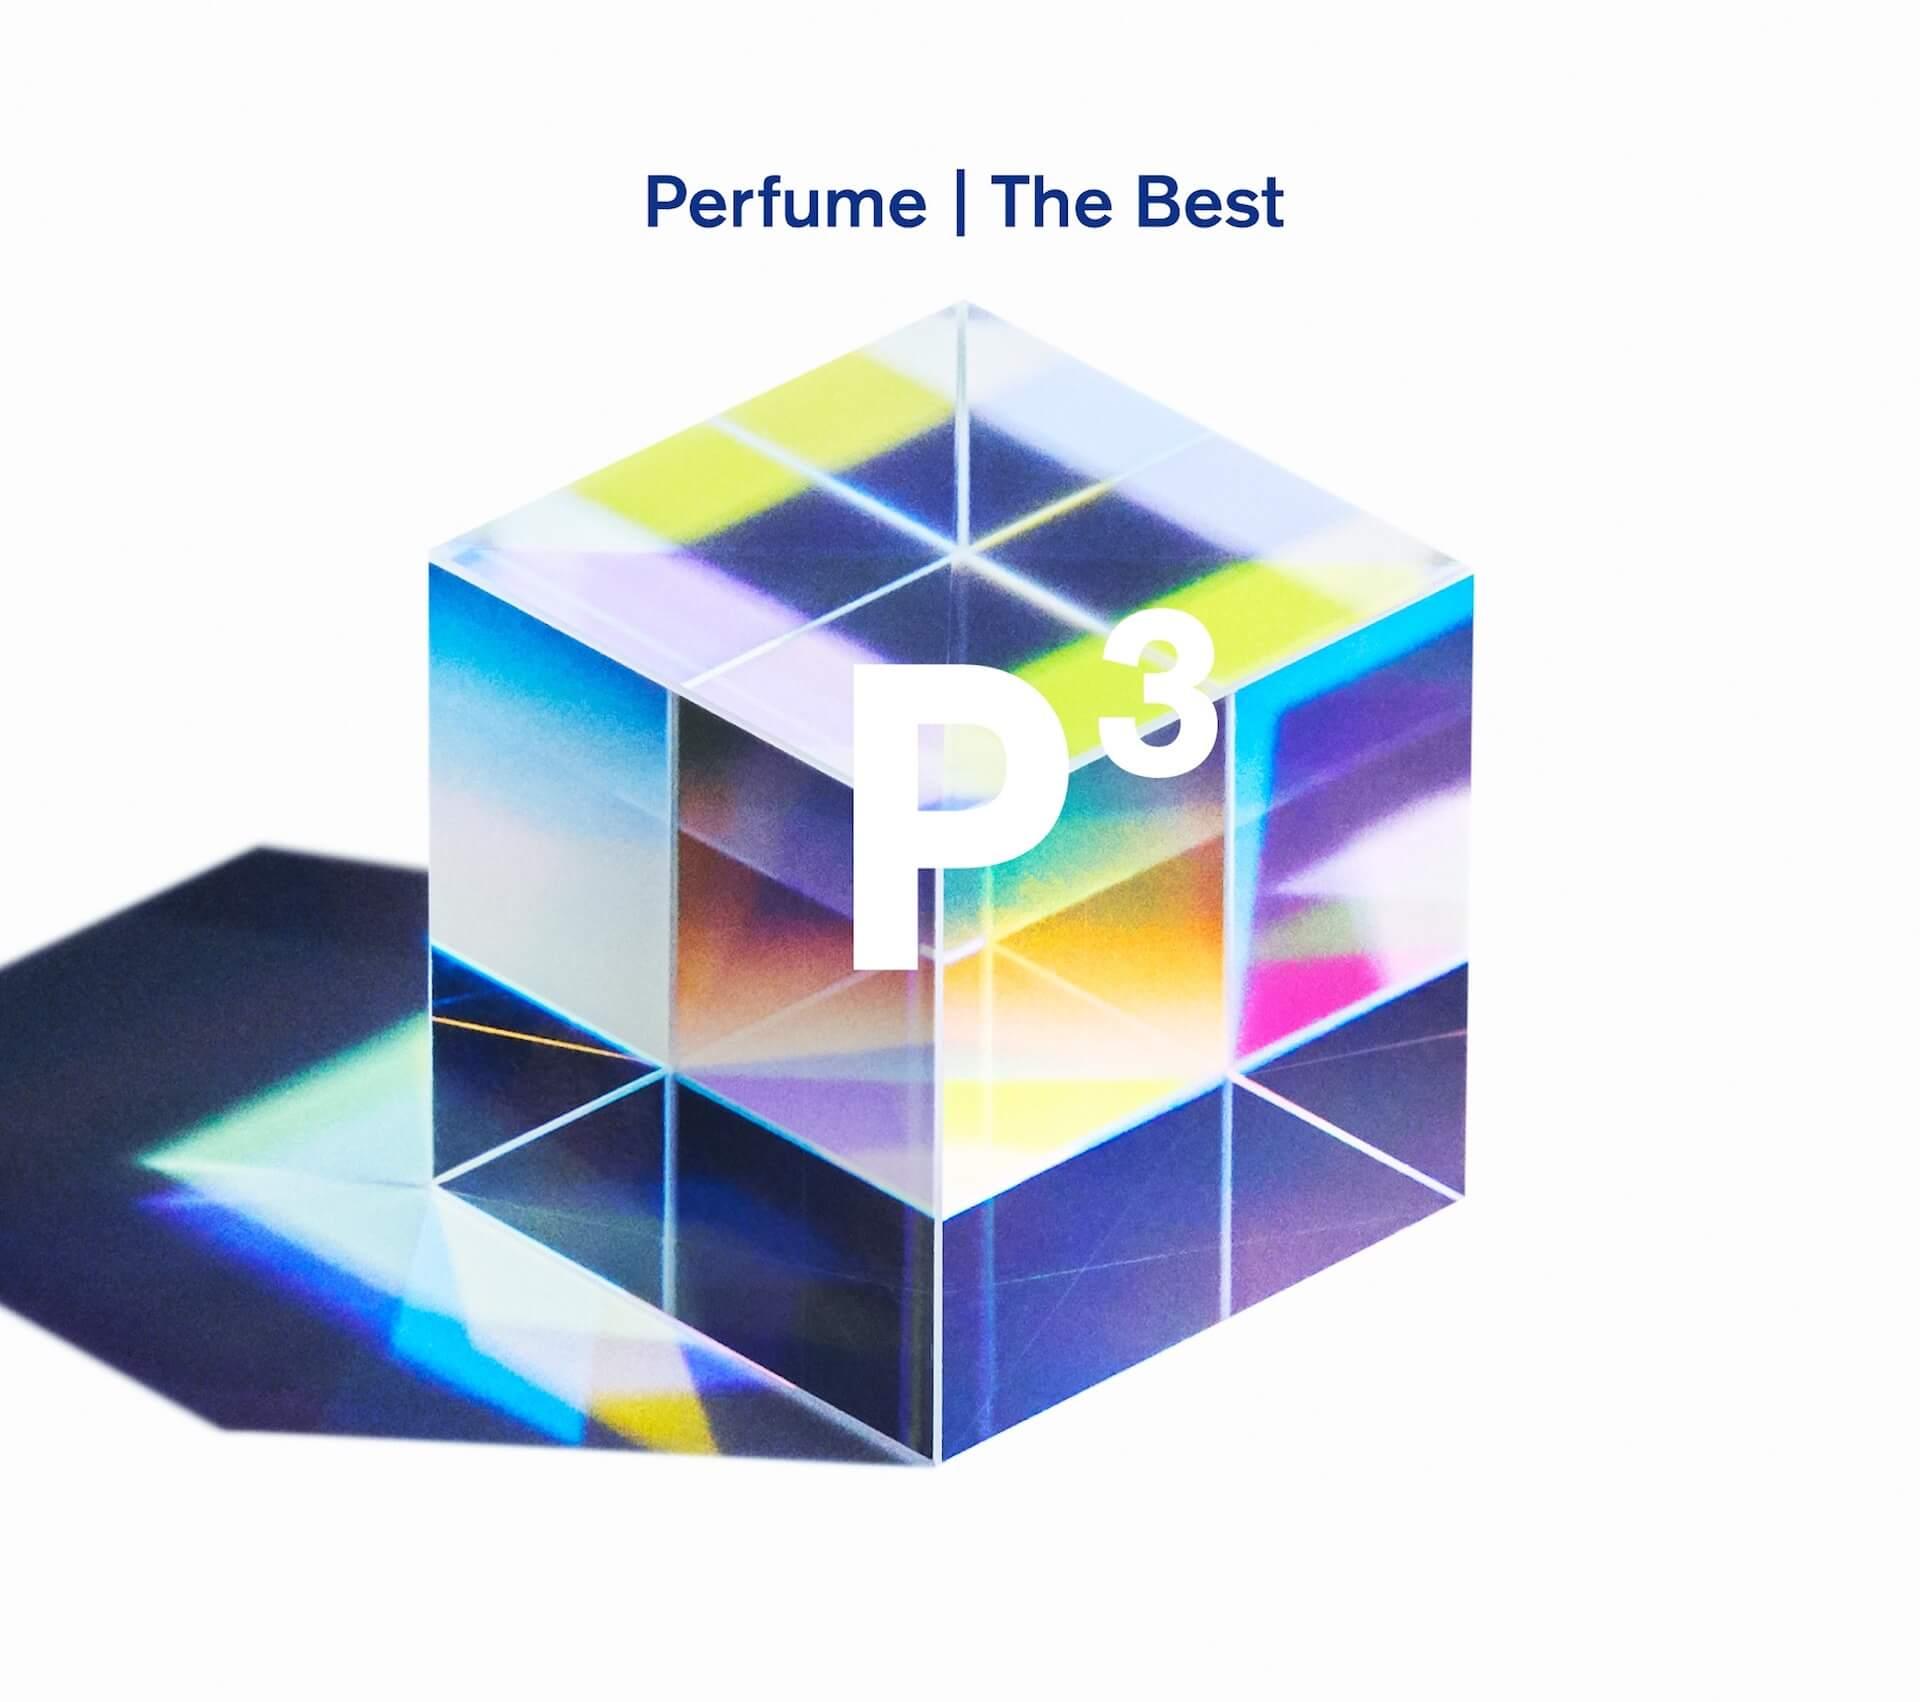 東急田園都市線・東横線がPerfumeの美術館に。女性専用車中づりジャックが9月22日まで実施 music190916-perfume-2